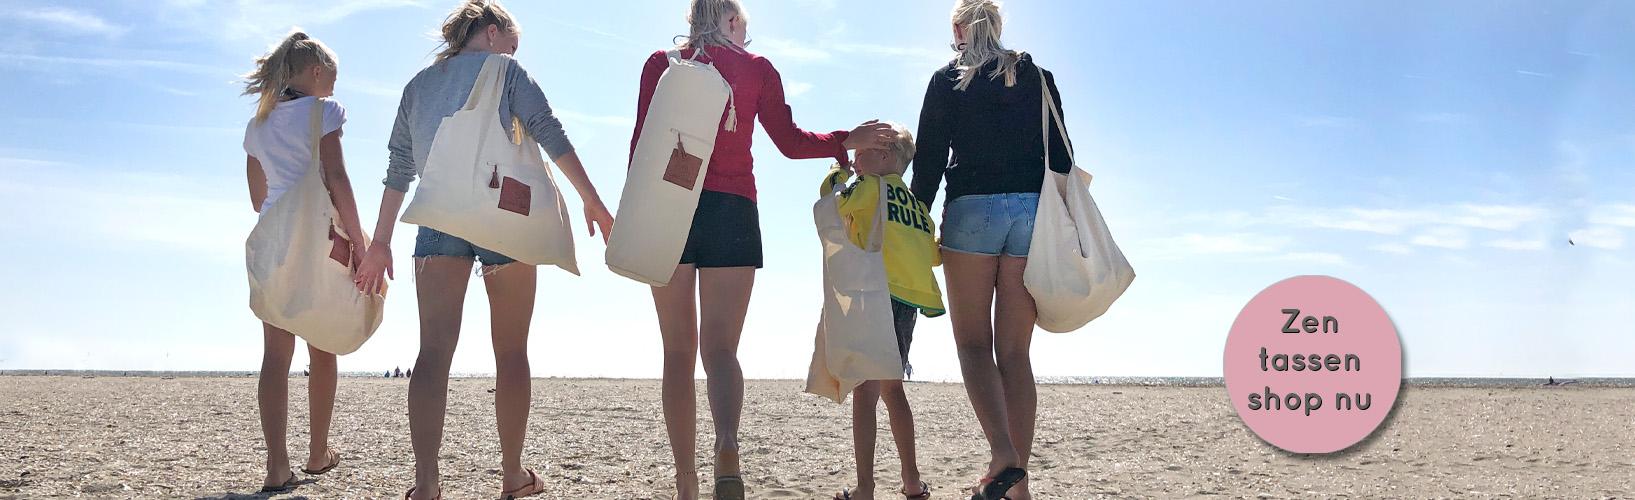 vijf mensen op het strand dragen de verschilende modellen ComfortZen tassen